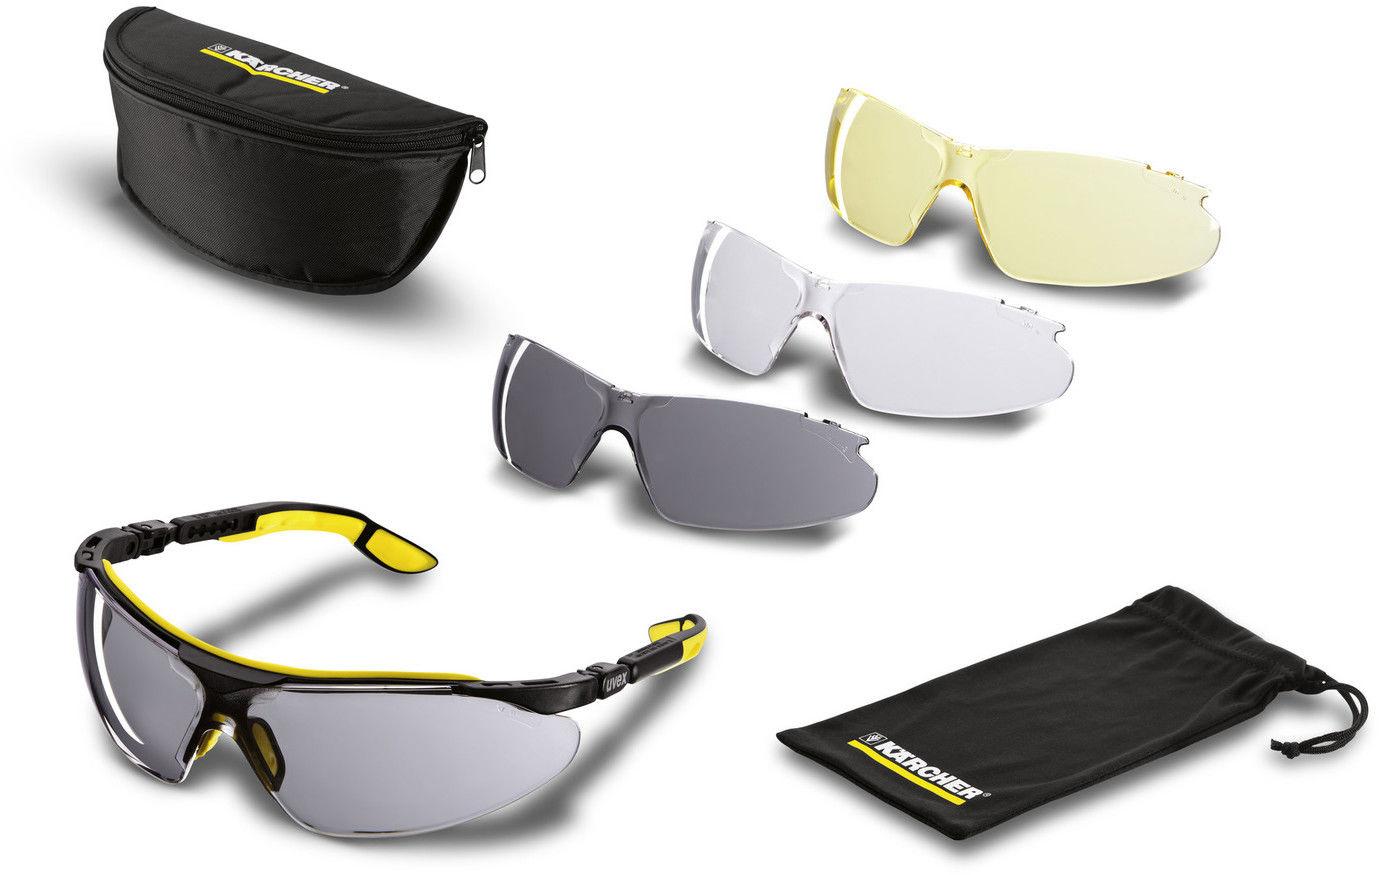 Okulary ochronne Karcher - zestaw z trzema szybkami